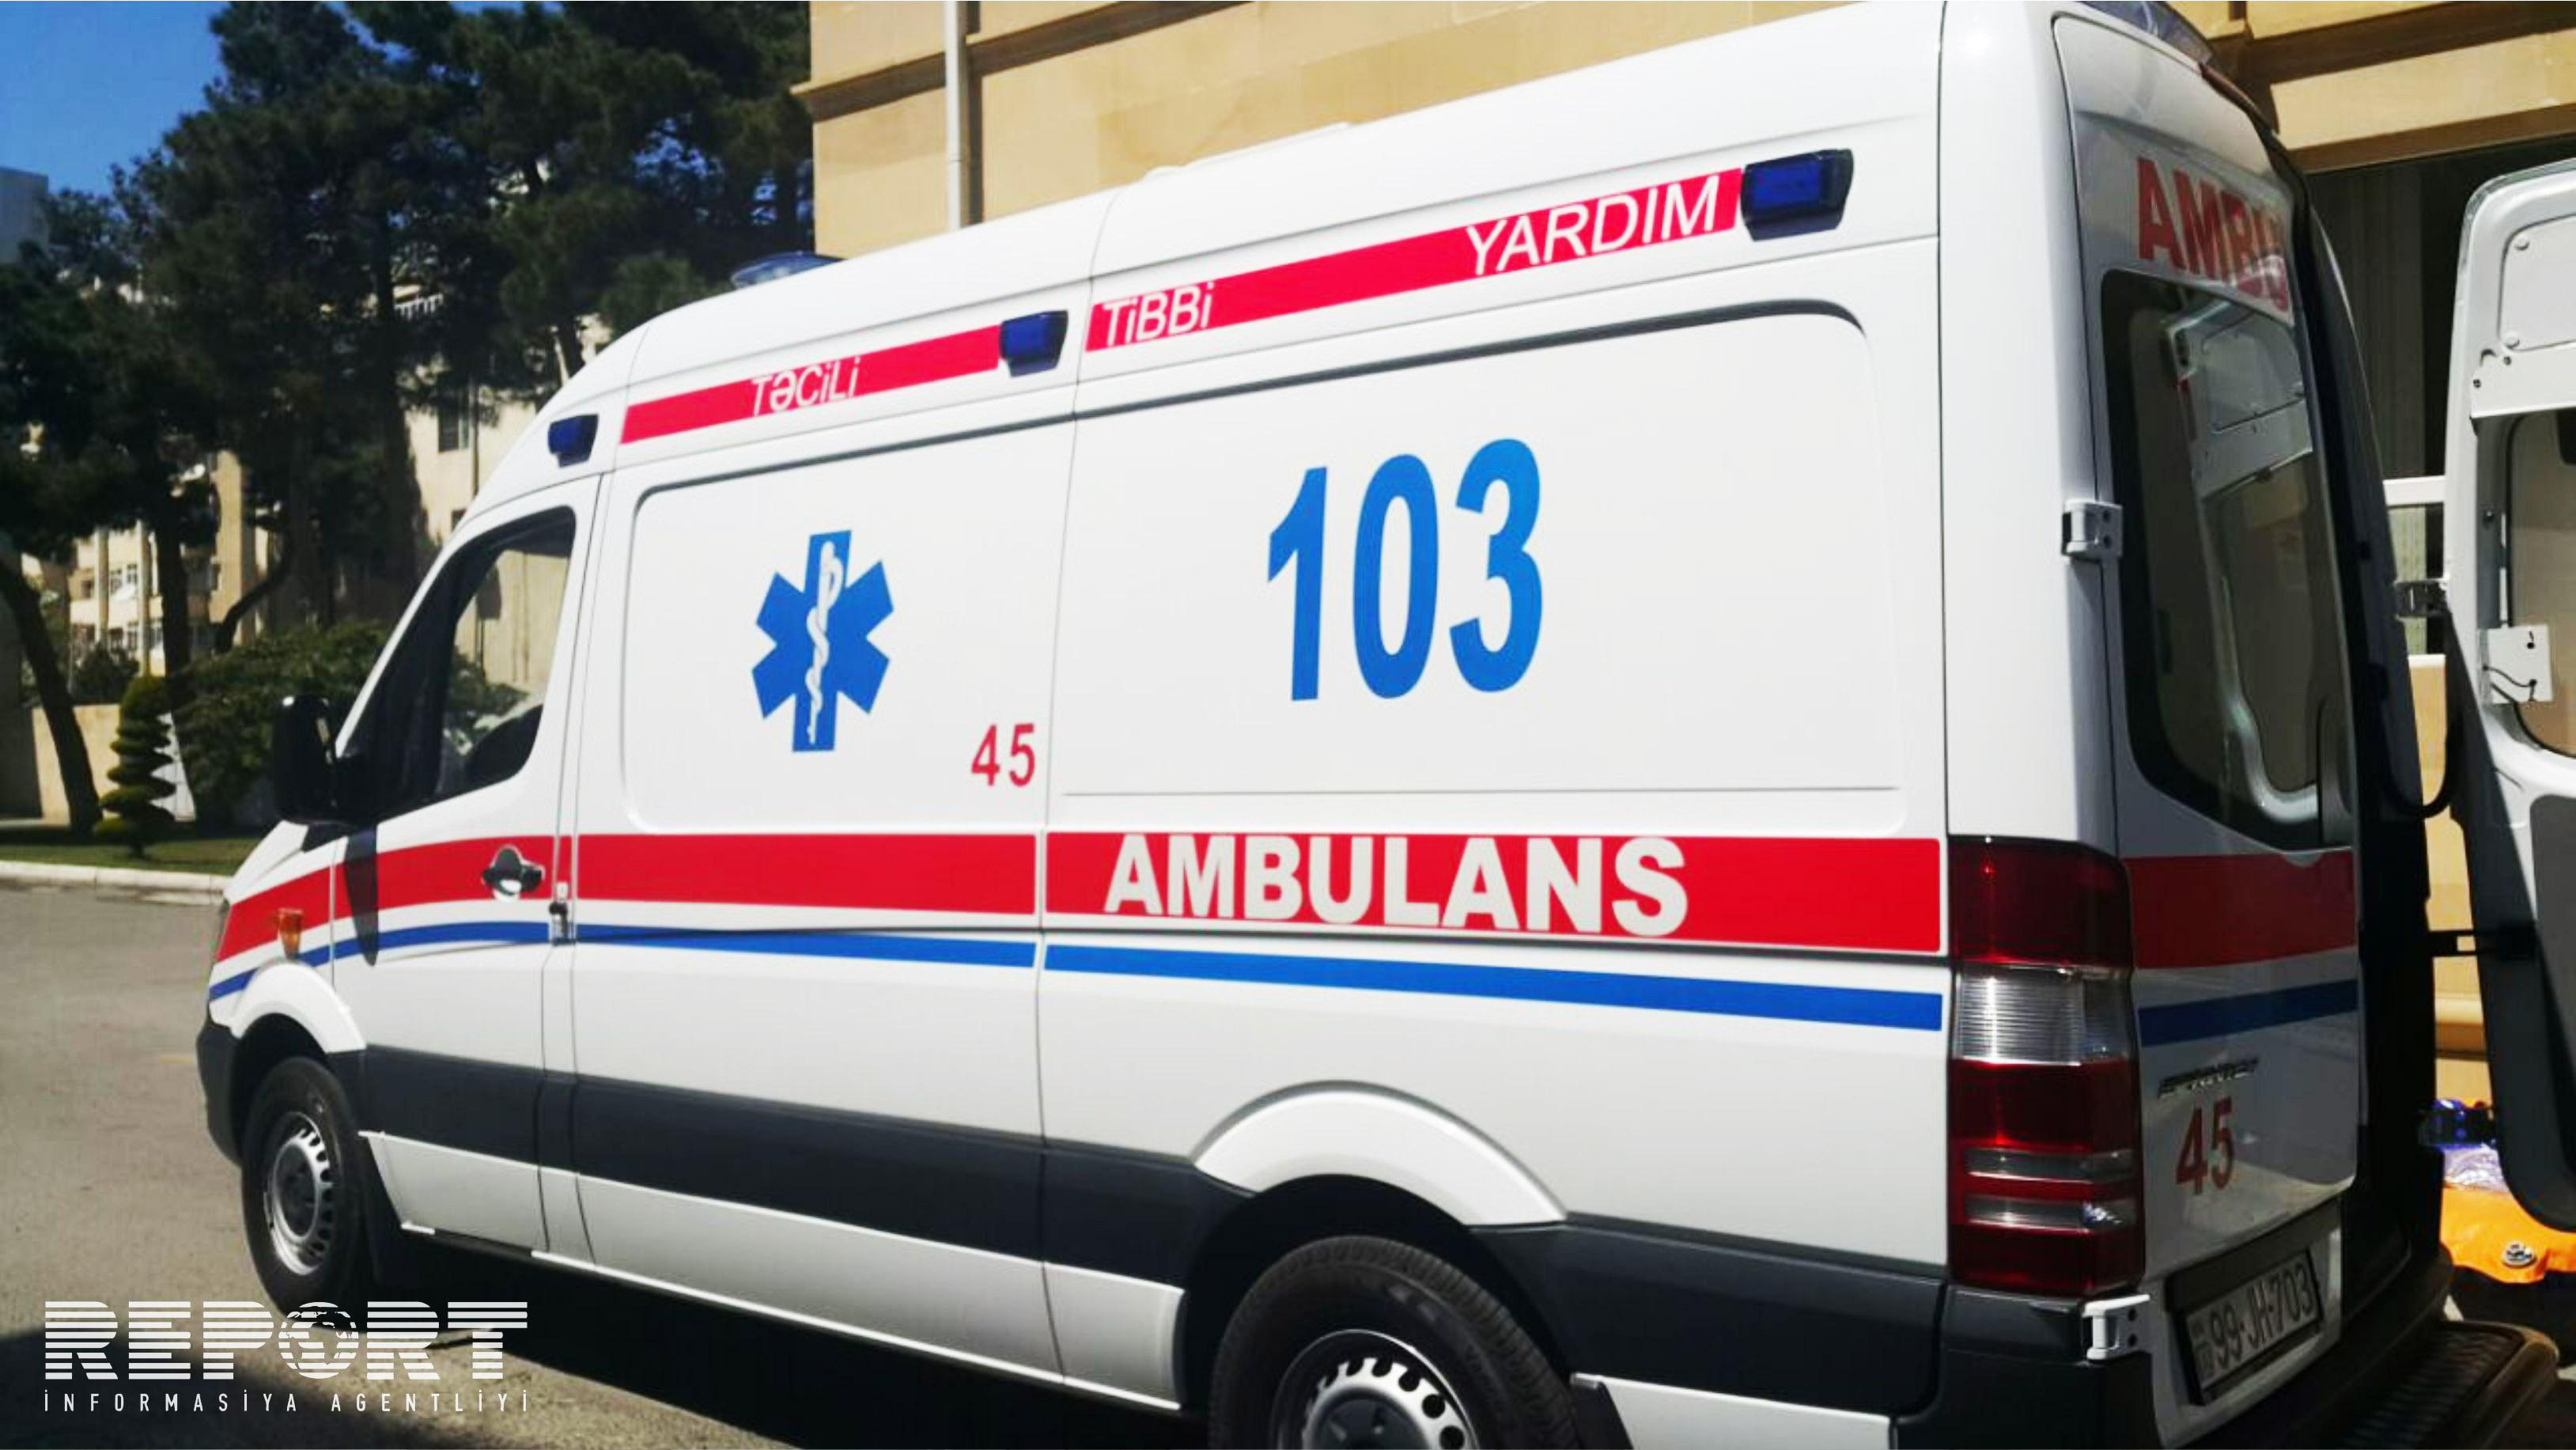 В Баку неизвестные избили 55-летнего мужчину